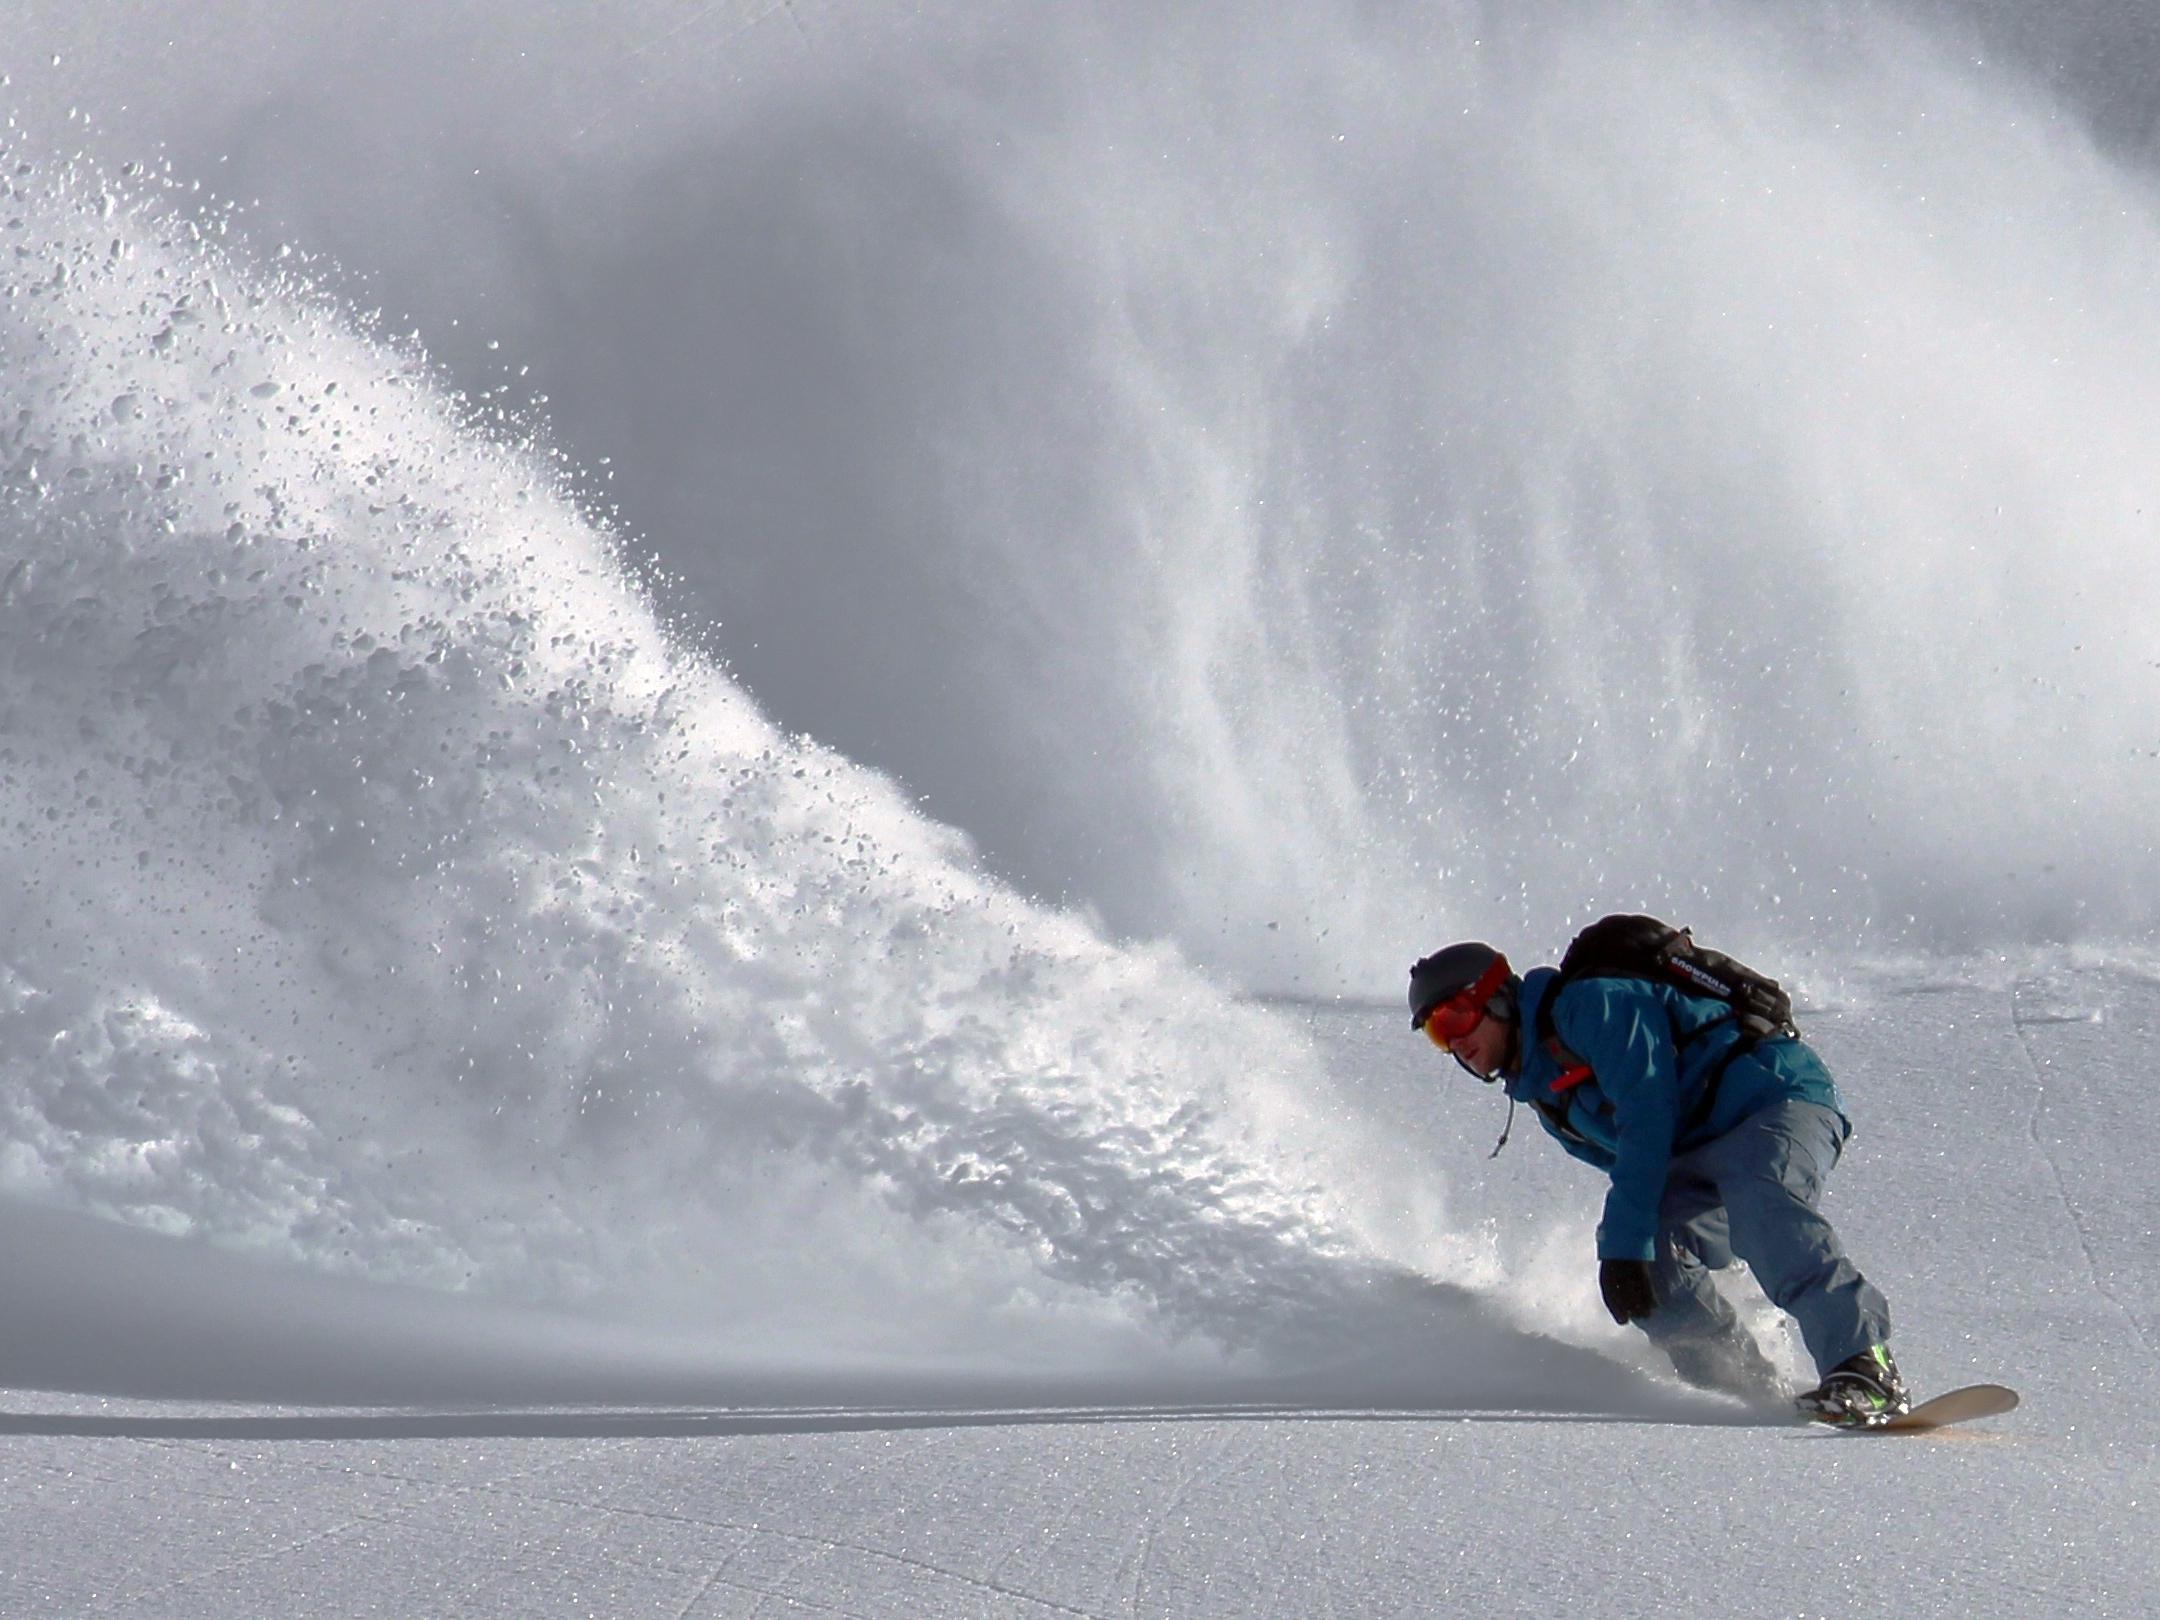 shred-snow